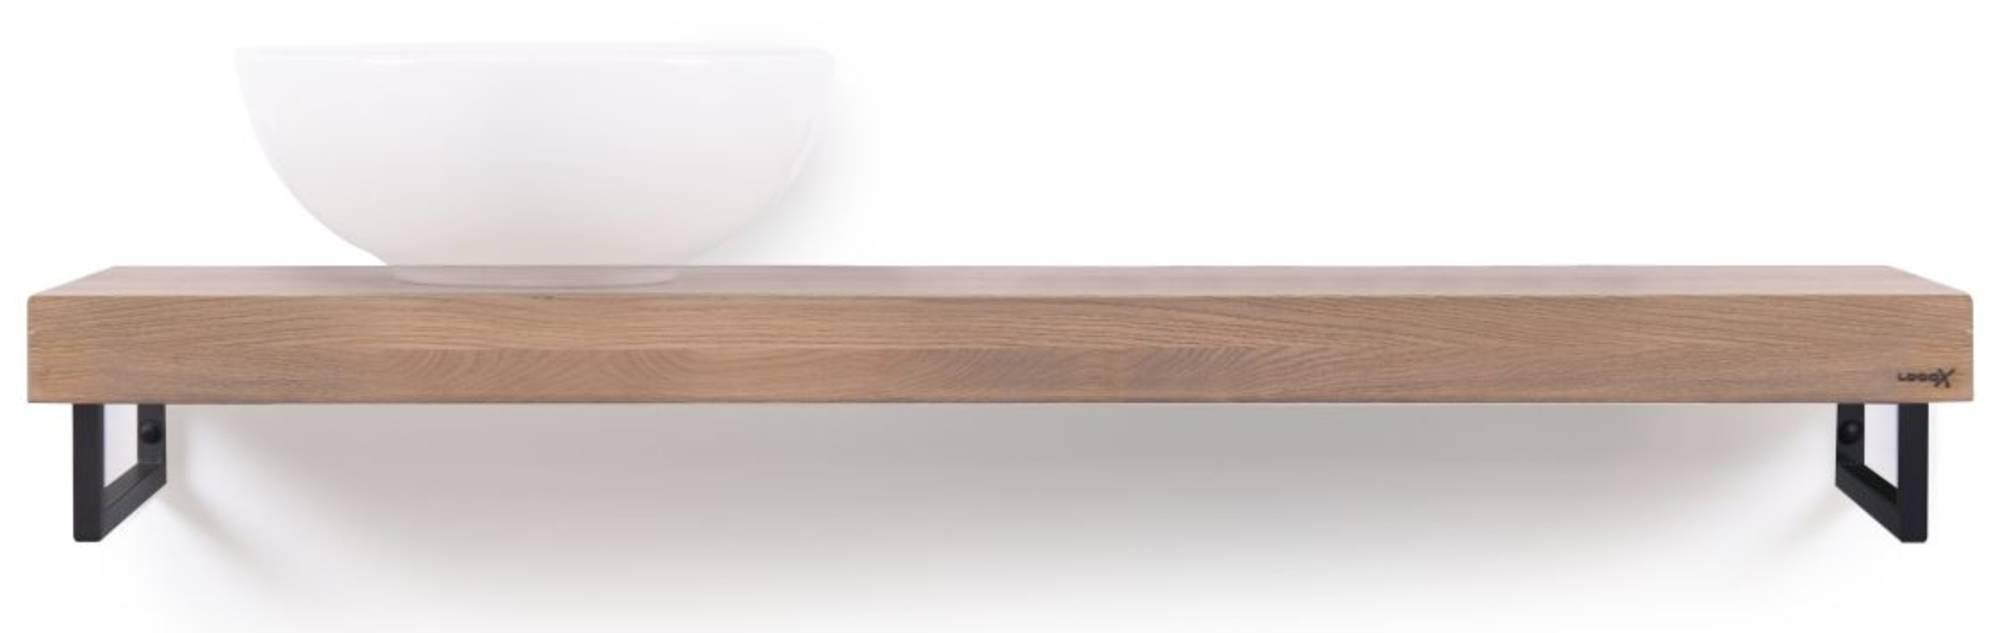 Looox Wooden Base Shelf Solo Eiken 120 cm Old Grey/Mat Zwart